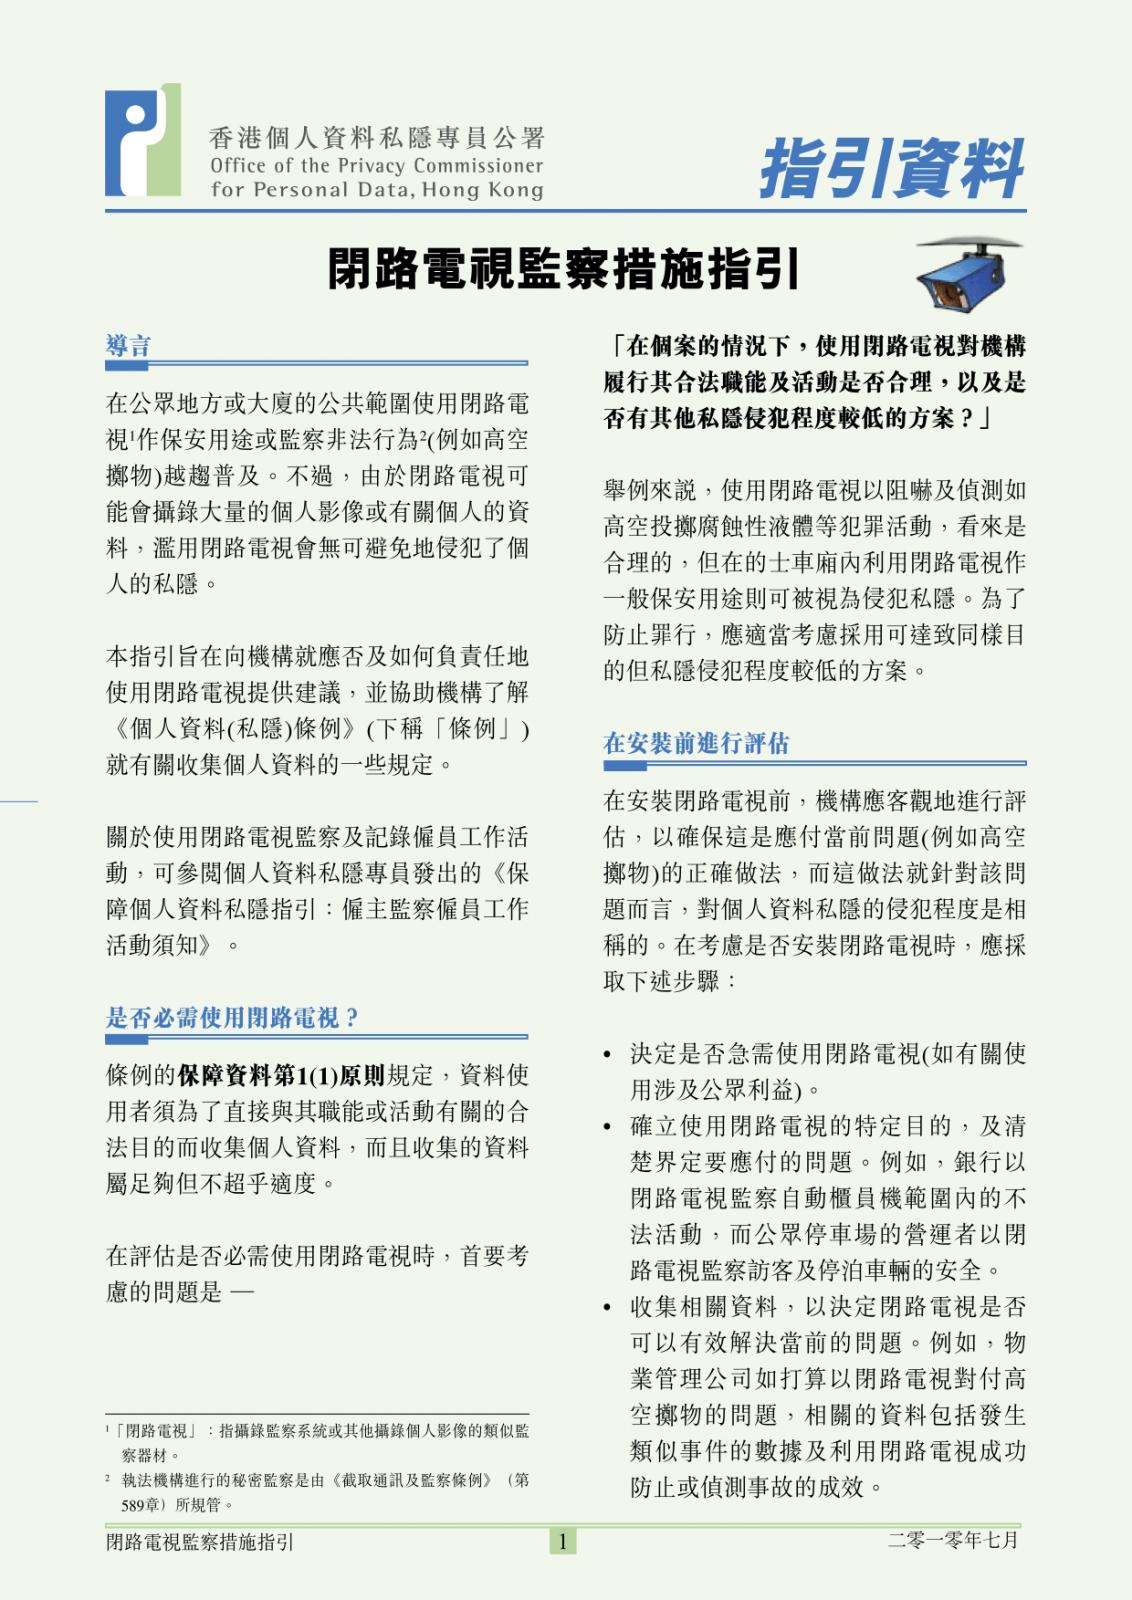 閉路電視監察措施指引1